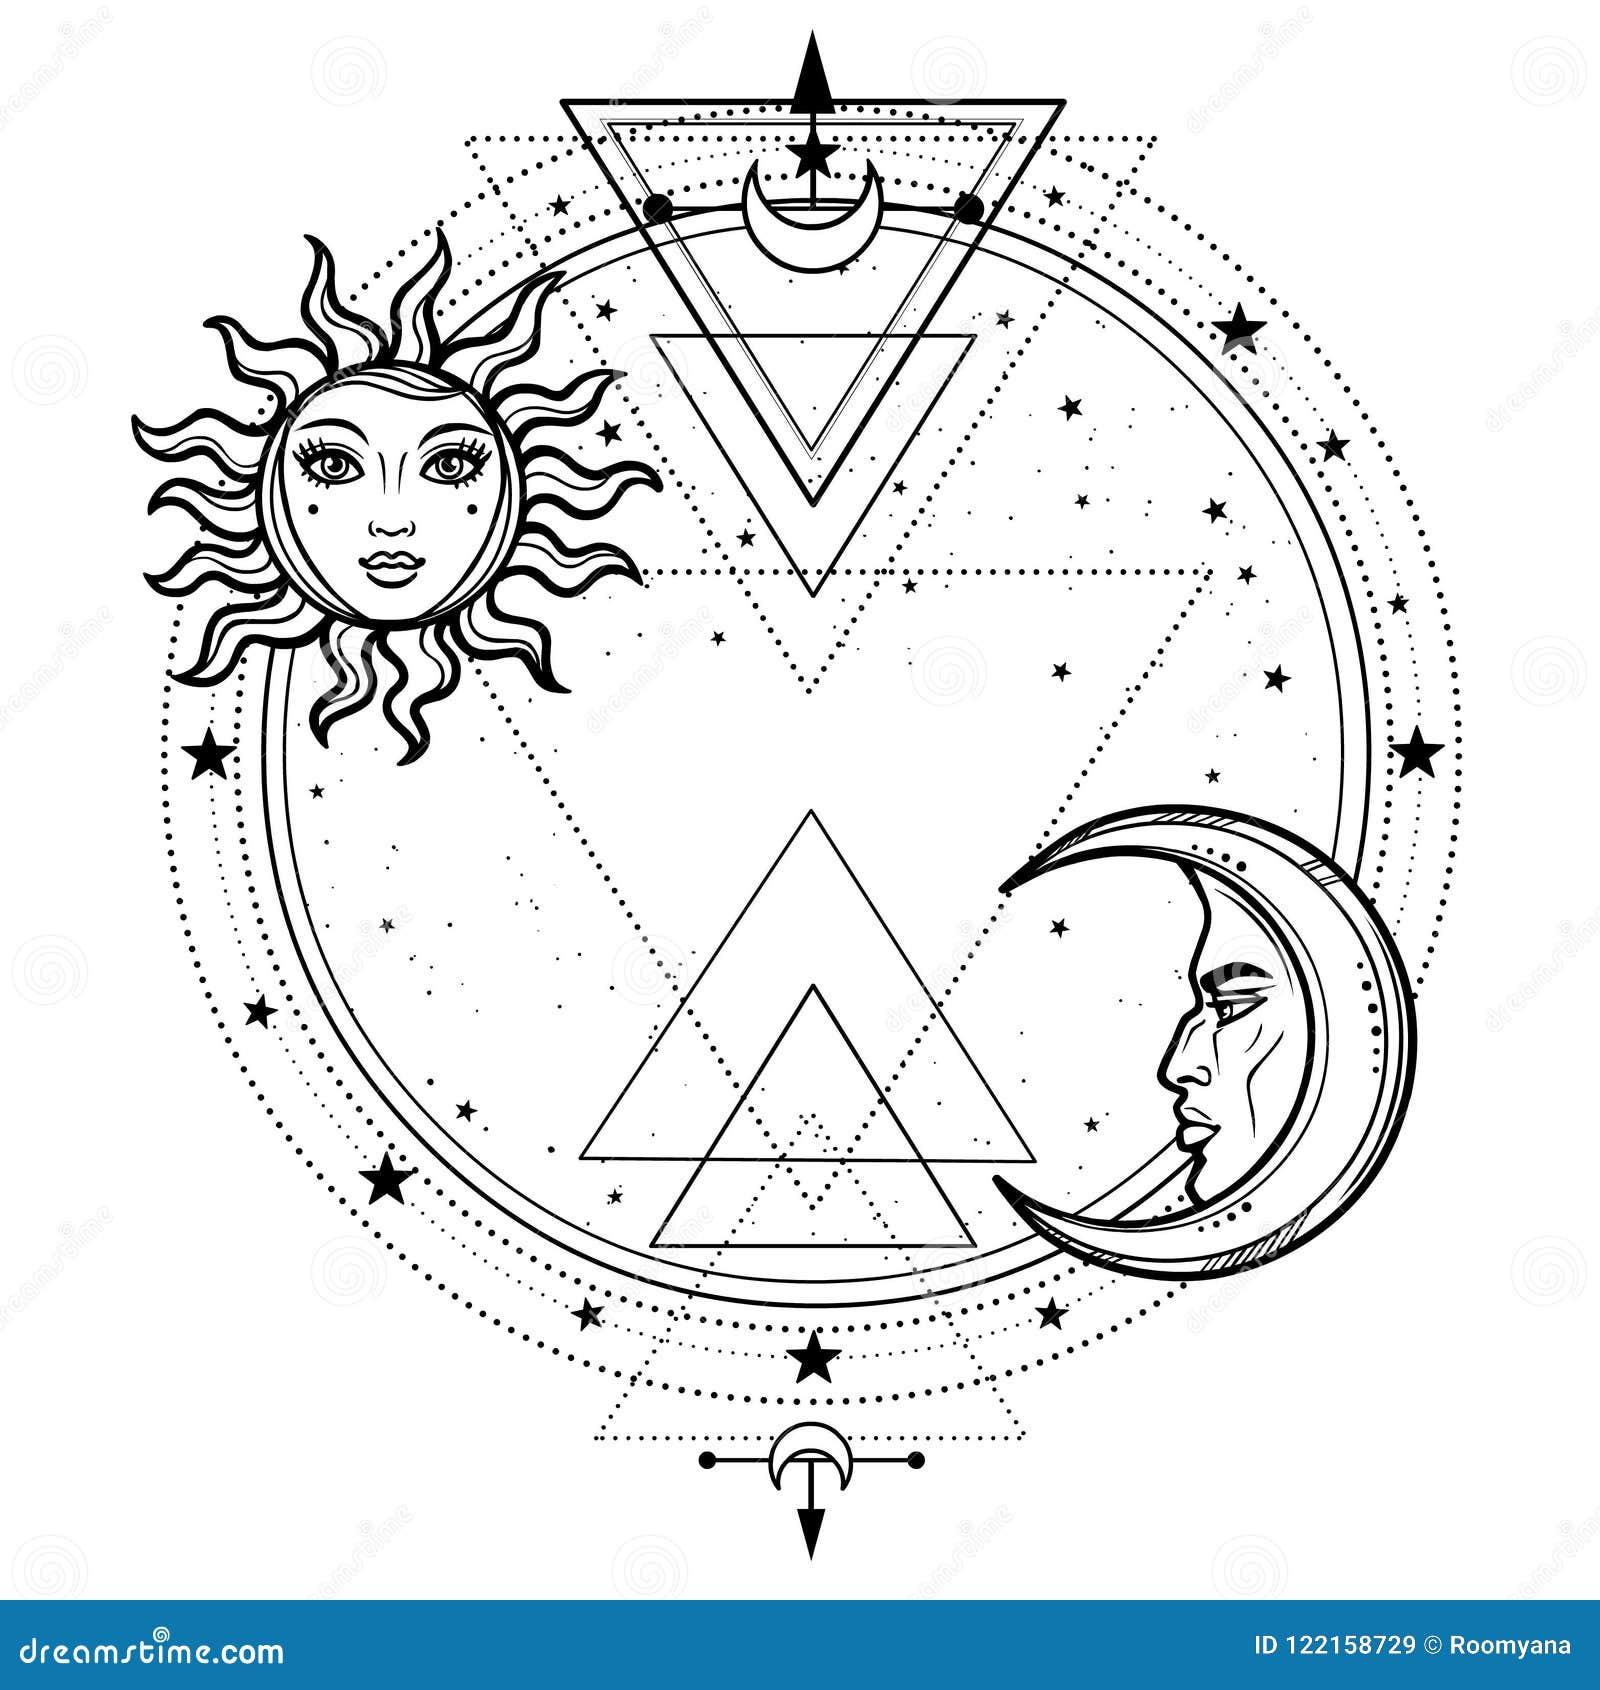 Dibujo Místico Sol Y Luna Con Los Rostros Humanos Un Círculo De La